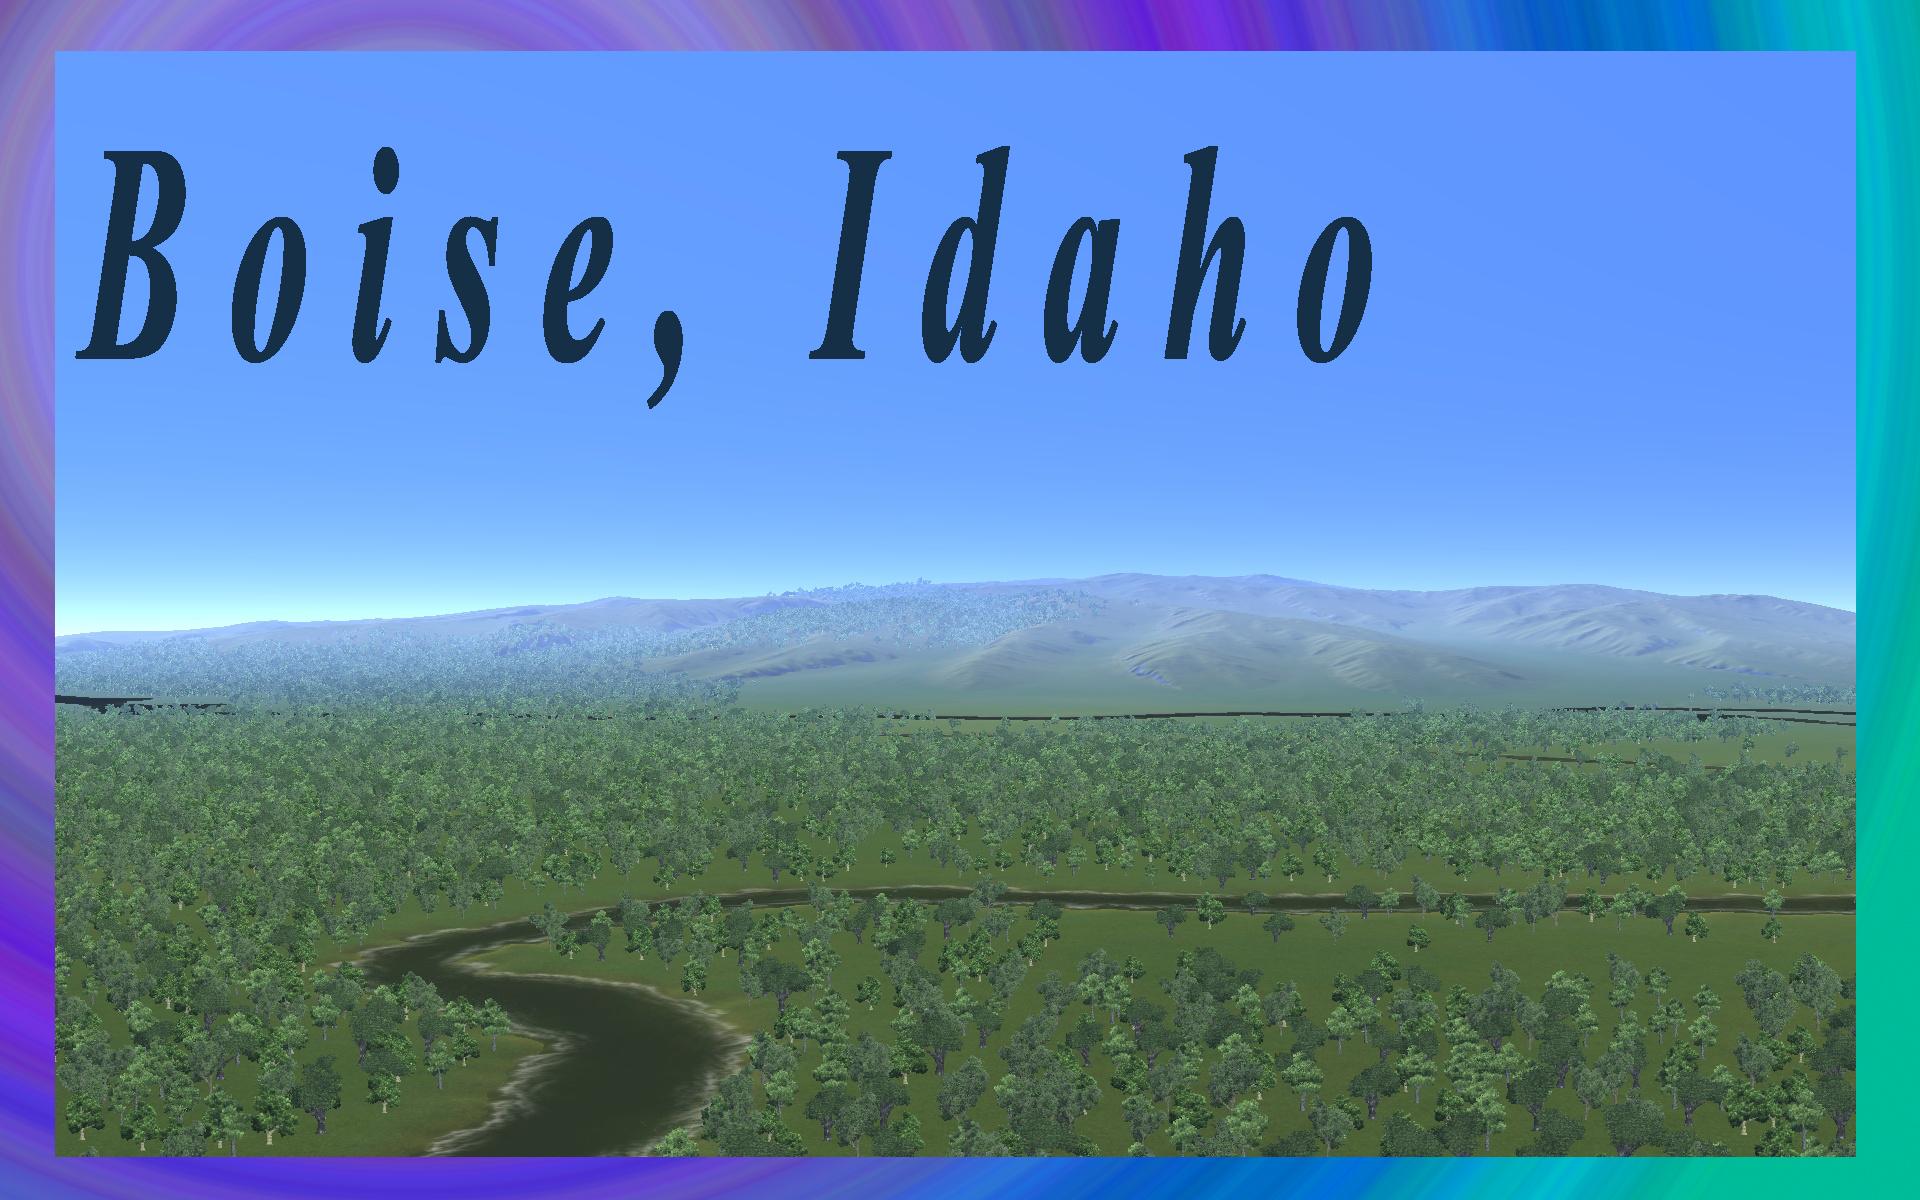 Boise01.jpg